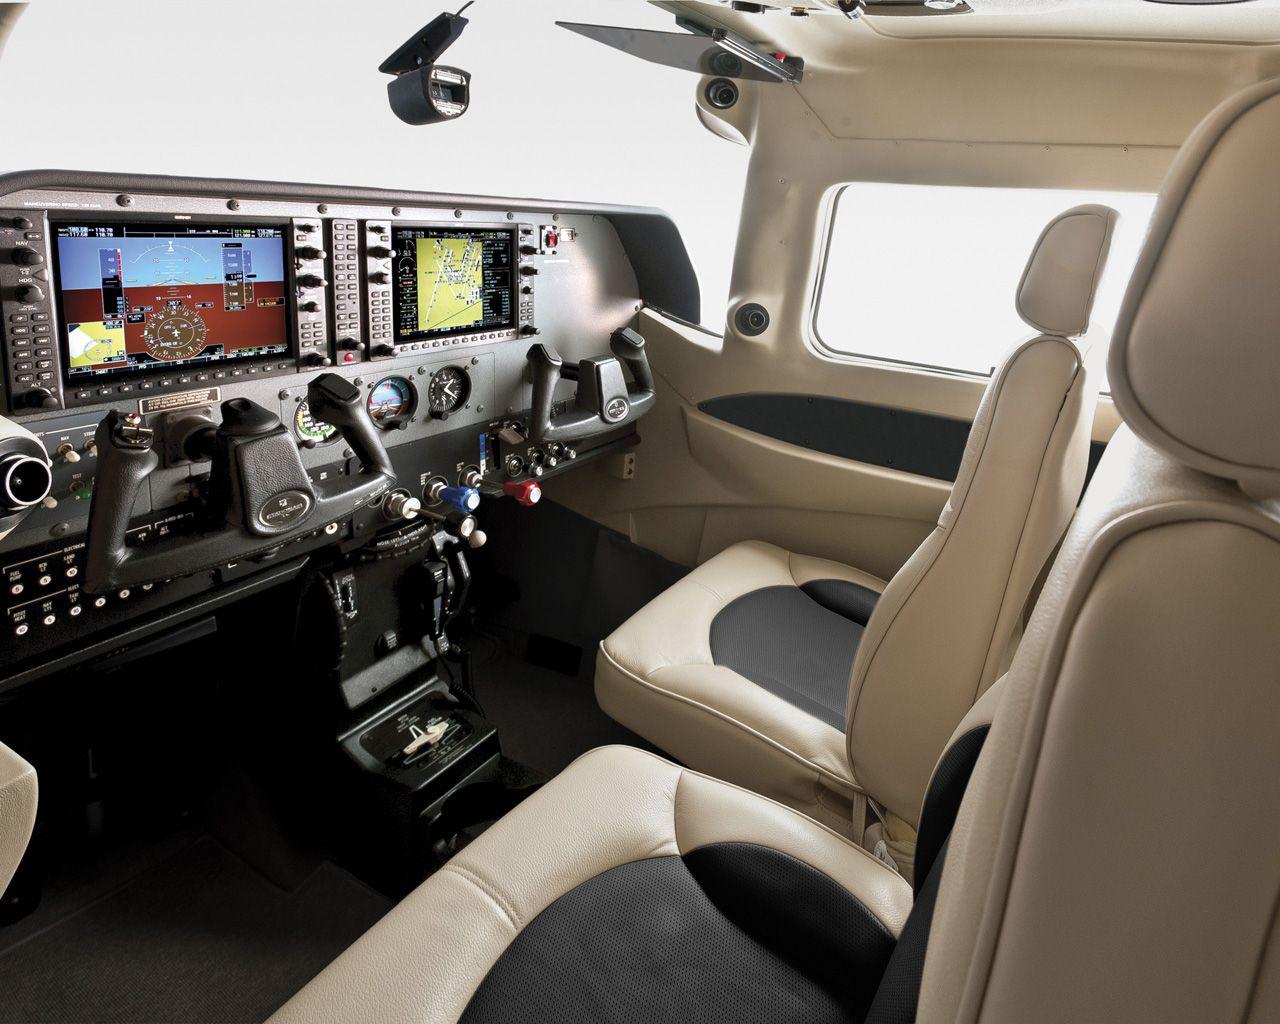 Http Www Cessna Com Mungoblobs 563 971 Cjod 0205m4 1280x1024 Jpg Aircraft Propeller Cessna Cessna Aircraft